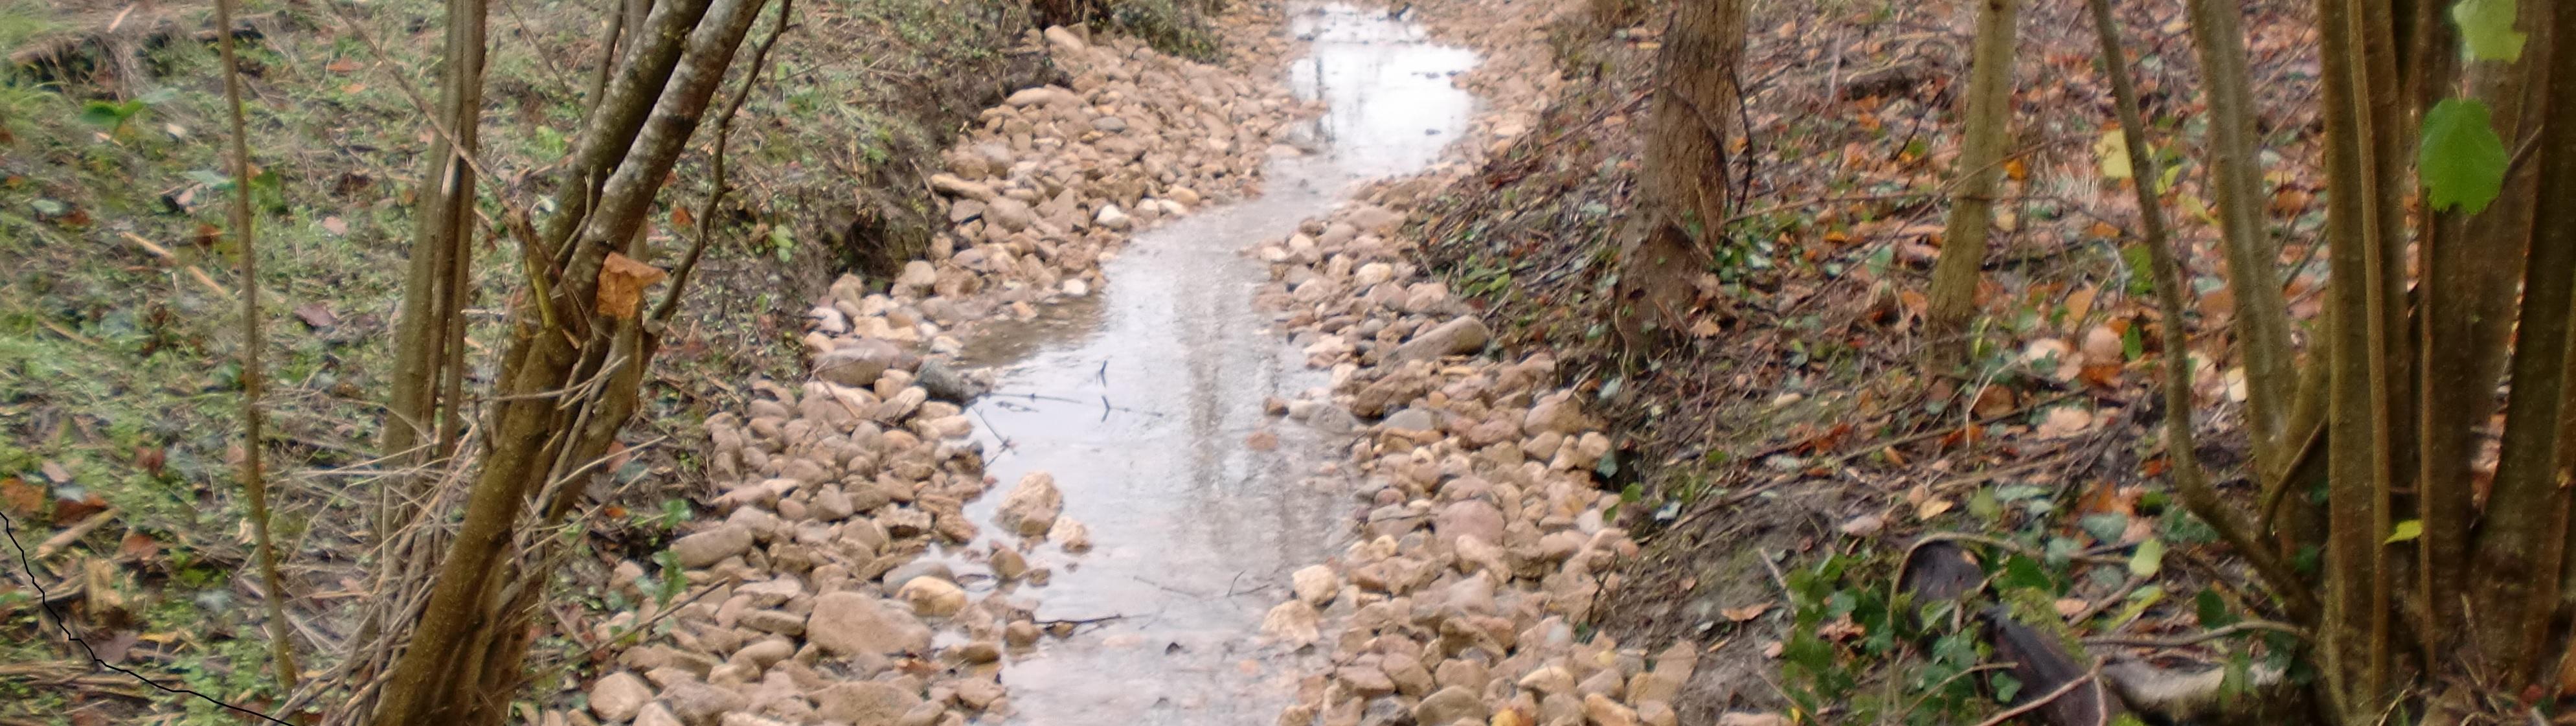 travaux hydraumorphique de la Lière, une des sources de la Pallu